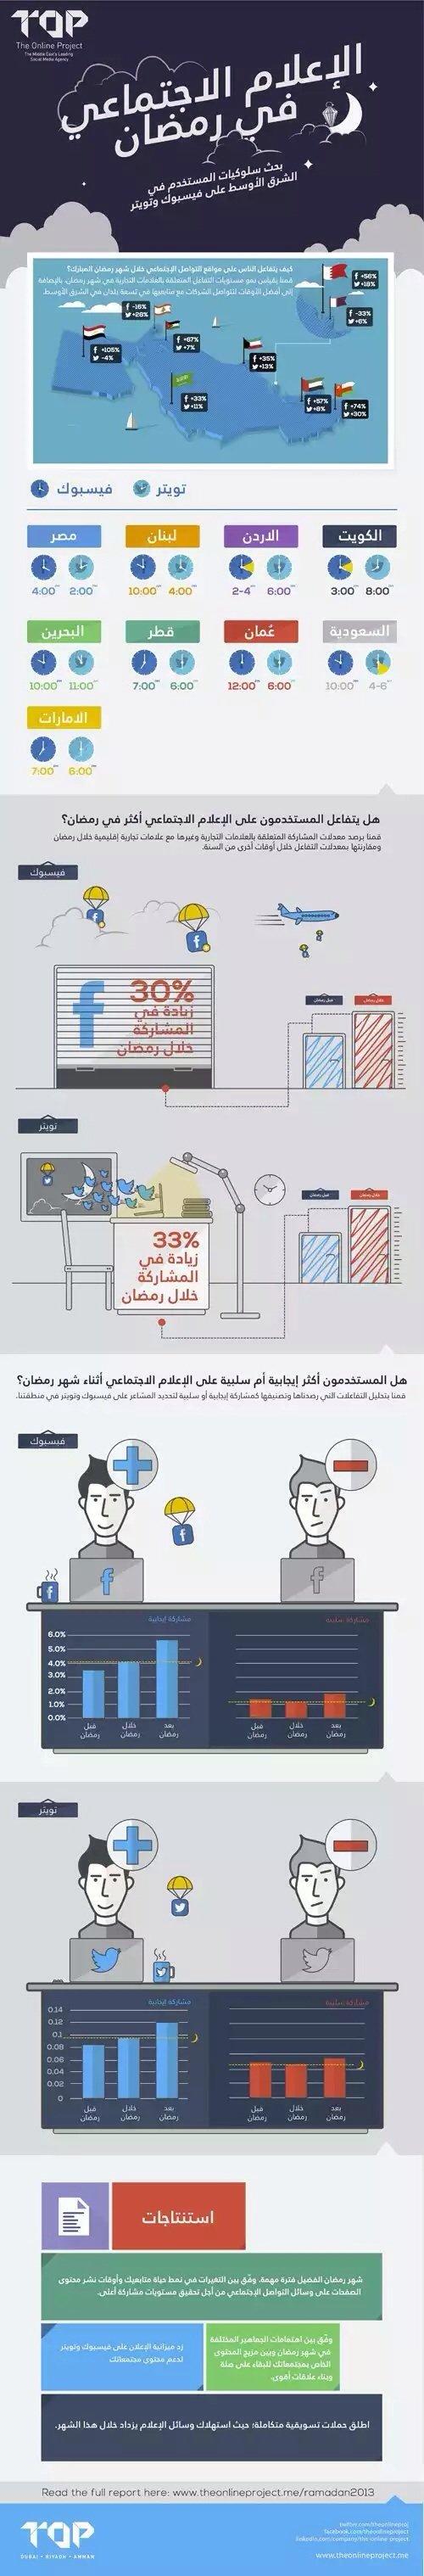 الاعلام الاجتماعي في #رمضان #انفوجرافيك